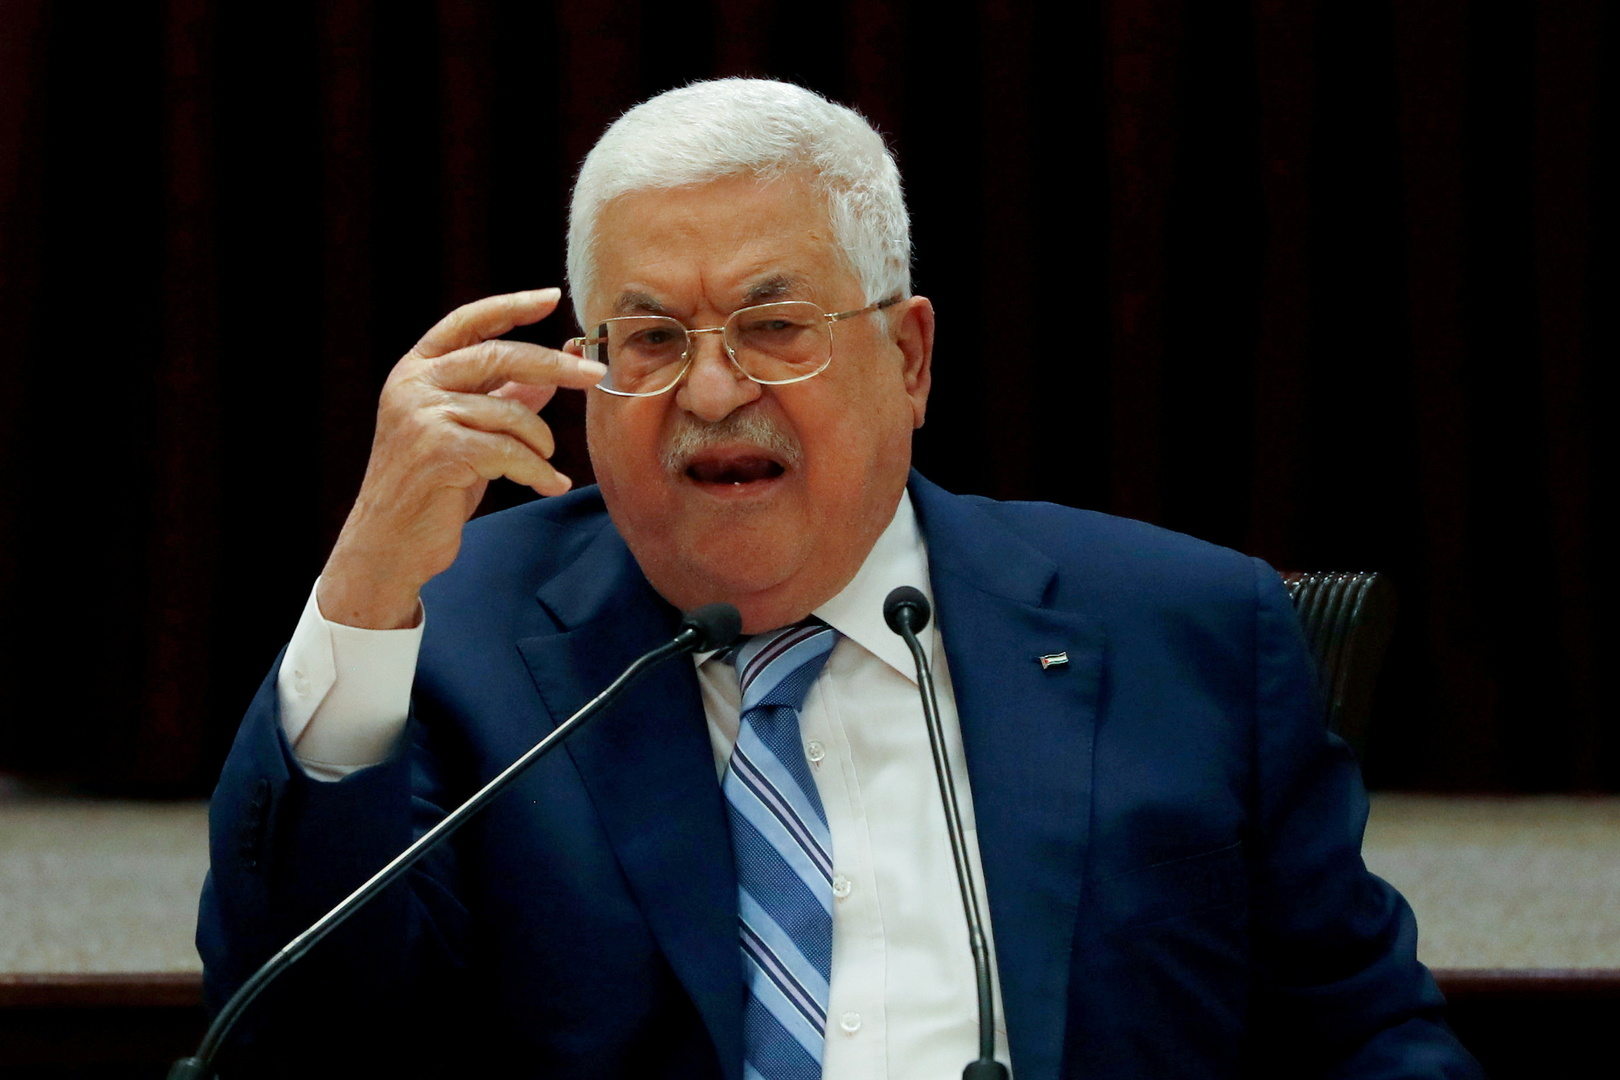 مصادر لـRT تؤكد أنباء استقبال الرئيس الفلسطيني محمود عباس للمبعوث الأمريكي في رام الله